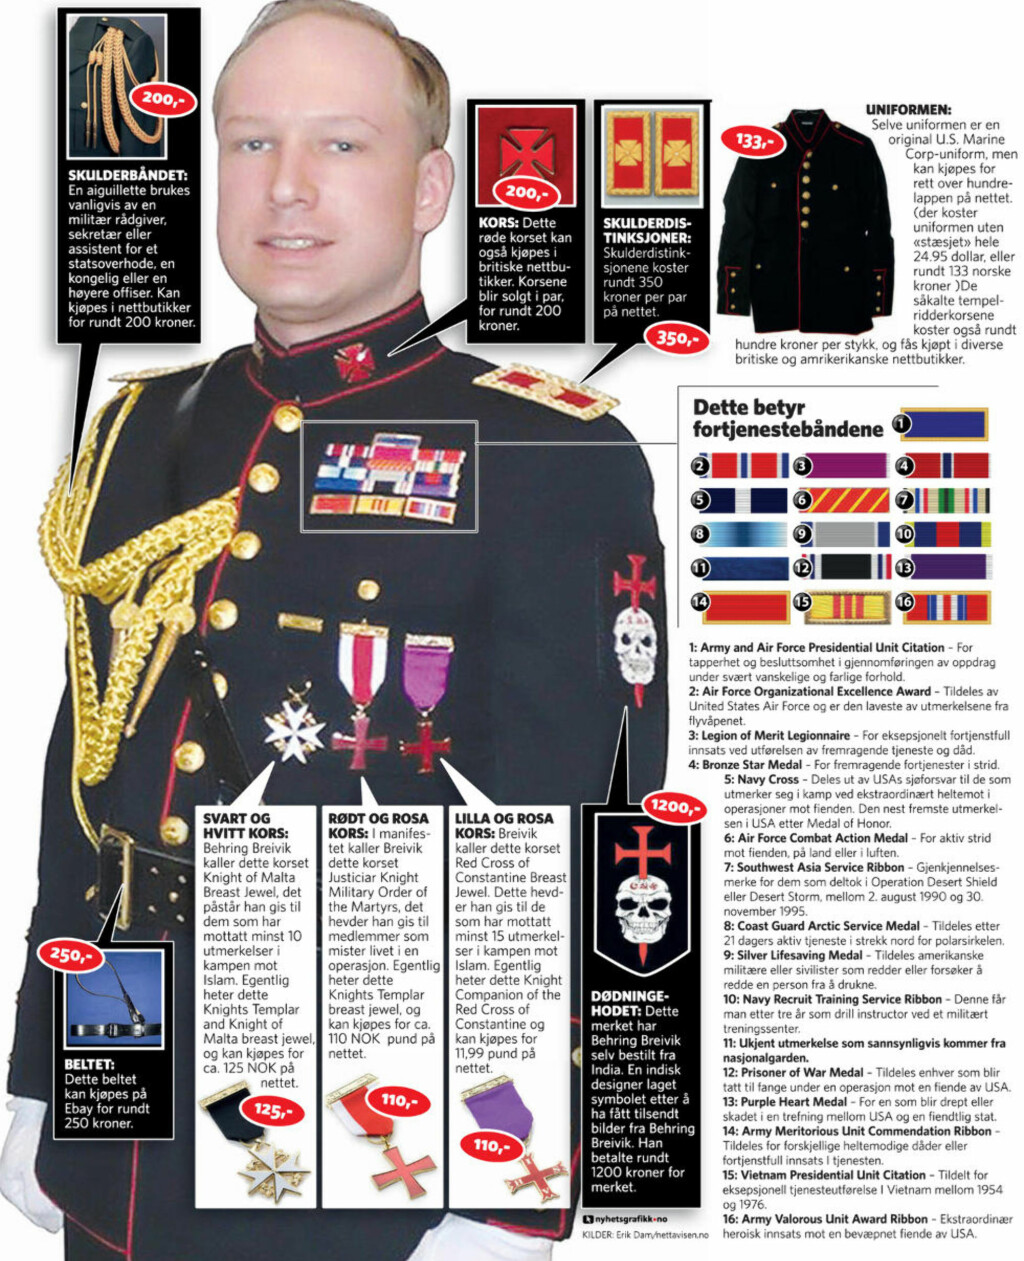 2011 Norway Attacks (Olso & Utøya)/Anders Behring Breivik - Page 2 63569870.jpg?imageId=63569870&x=0&y=0&cropw=100.00&croph=100